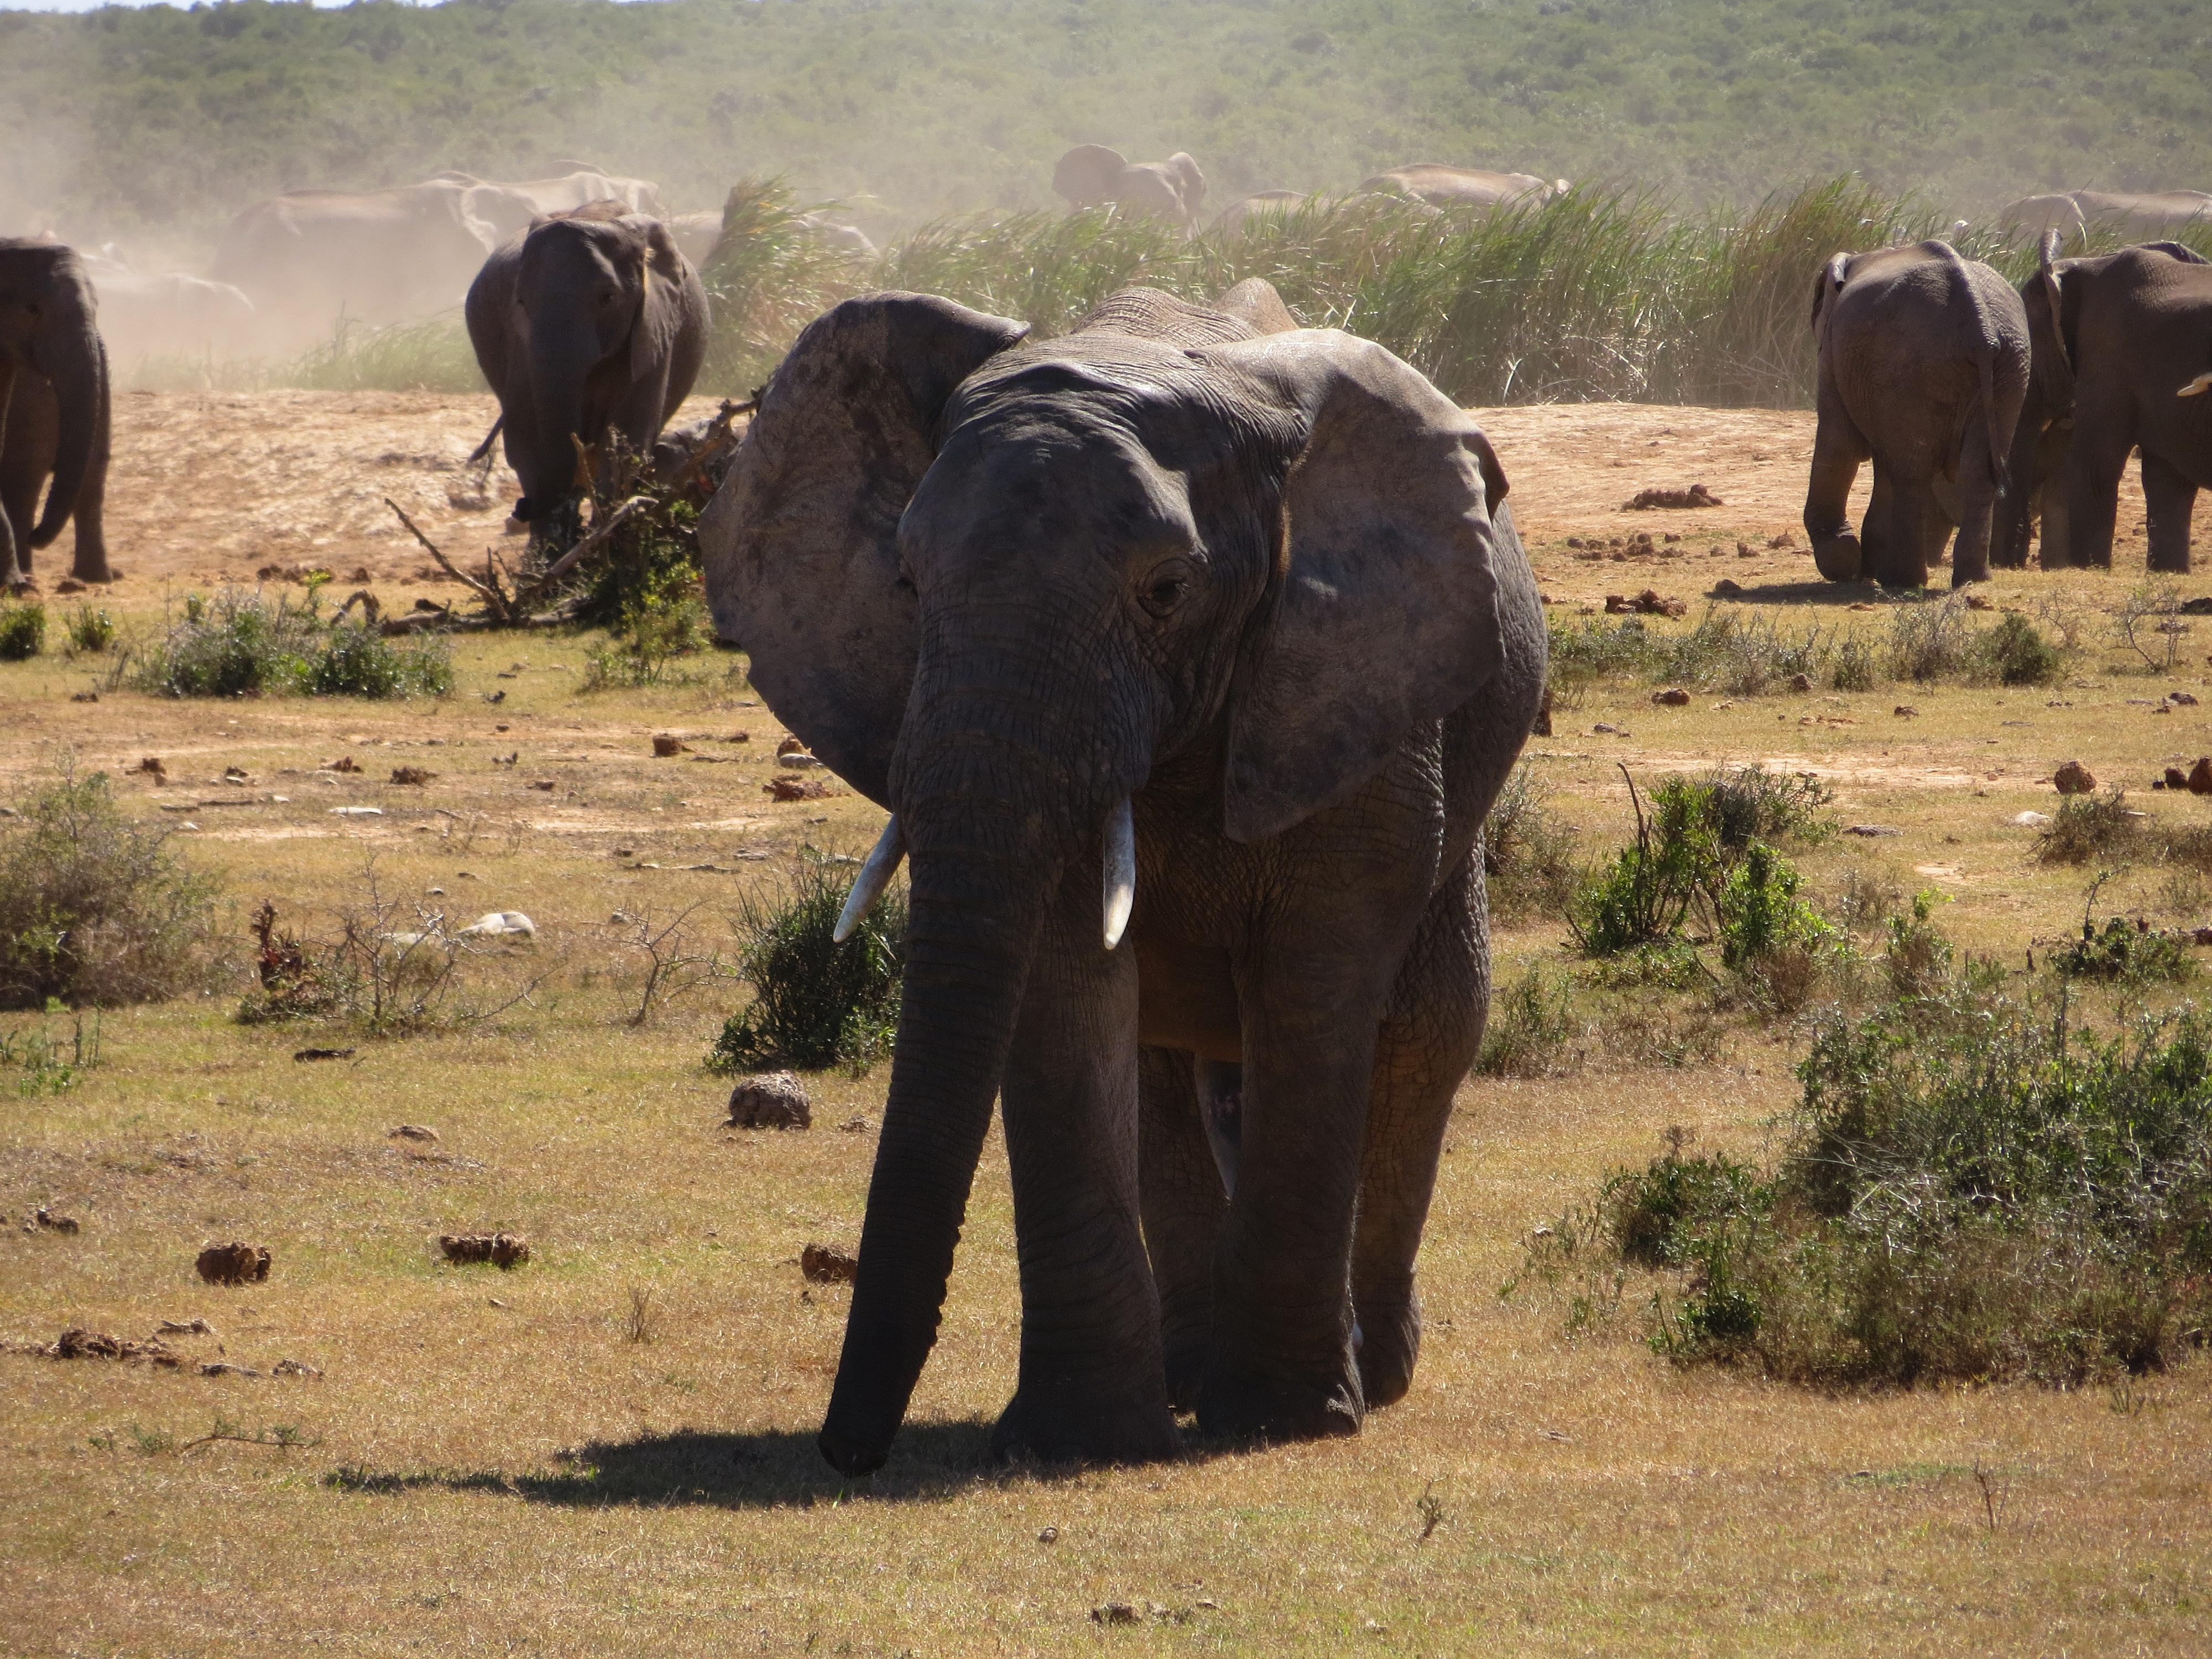 África do sul e Botswana, a legítima experiência africana